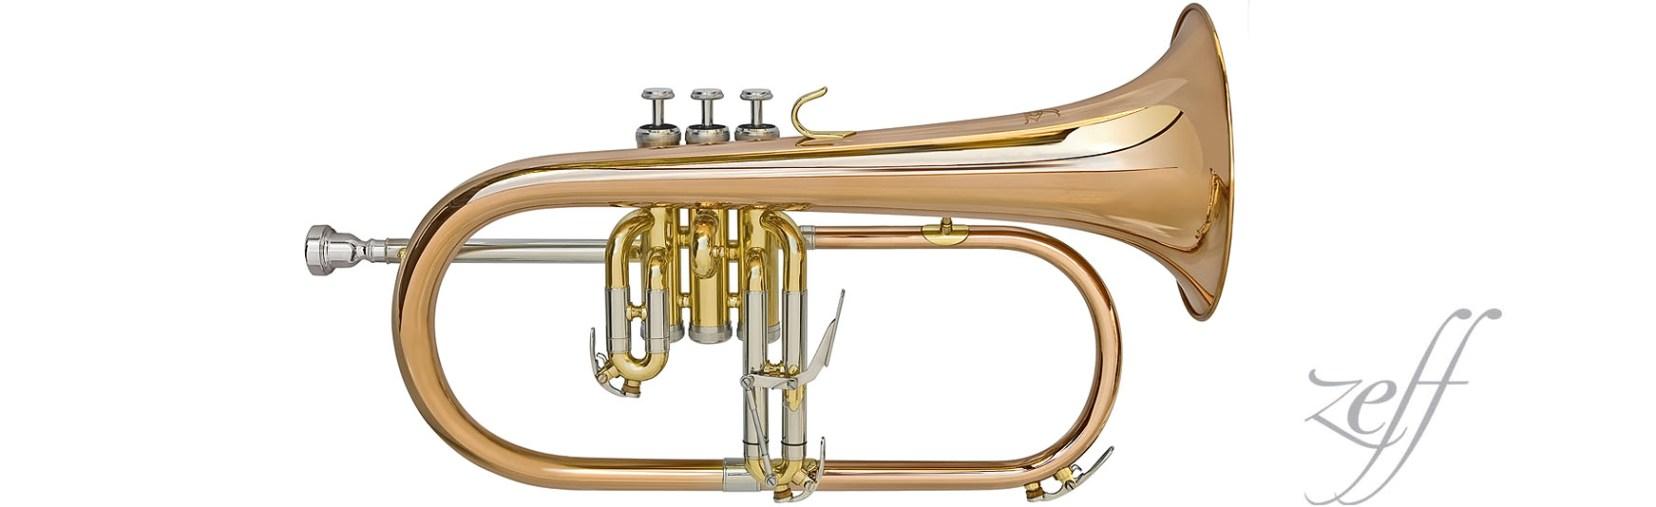 flugel horn ยี่ห้อ Zeff  รุ่น ZFL-665L